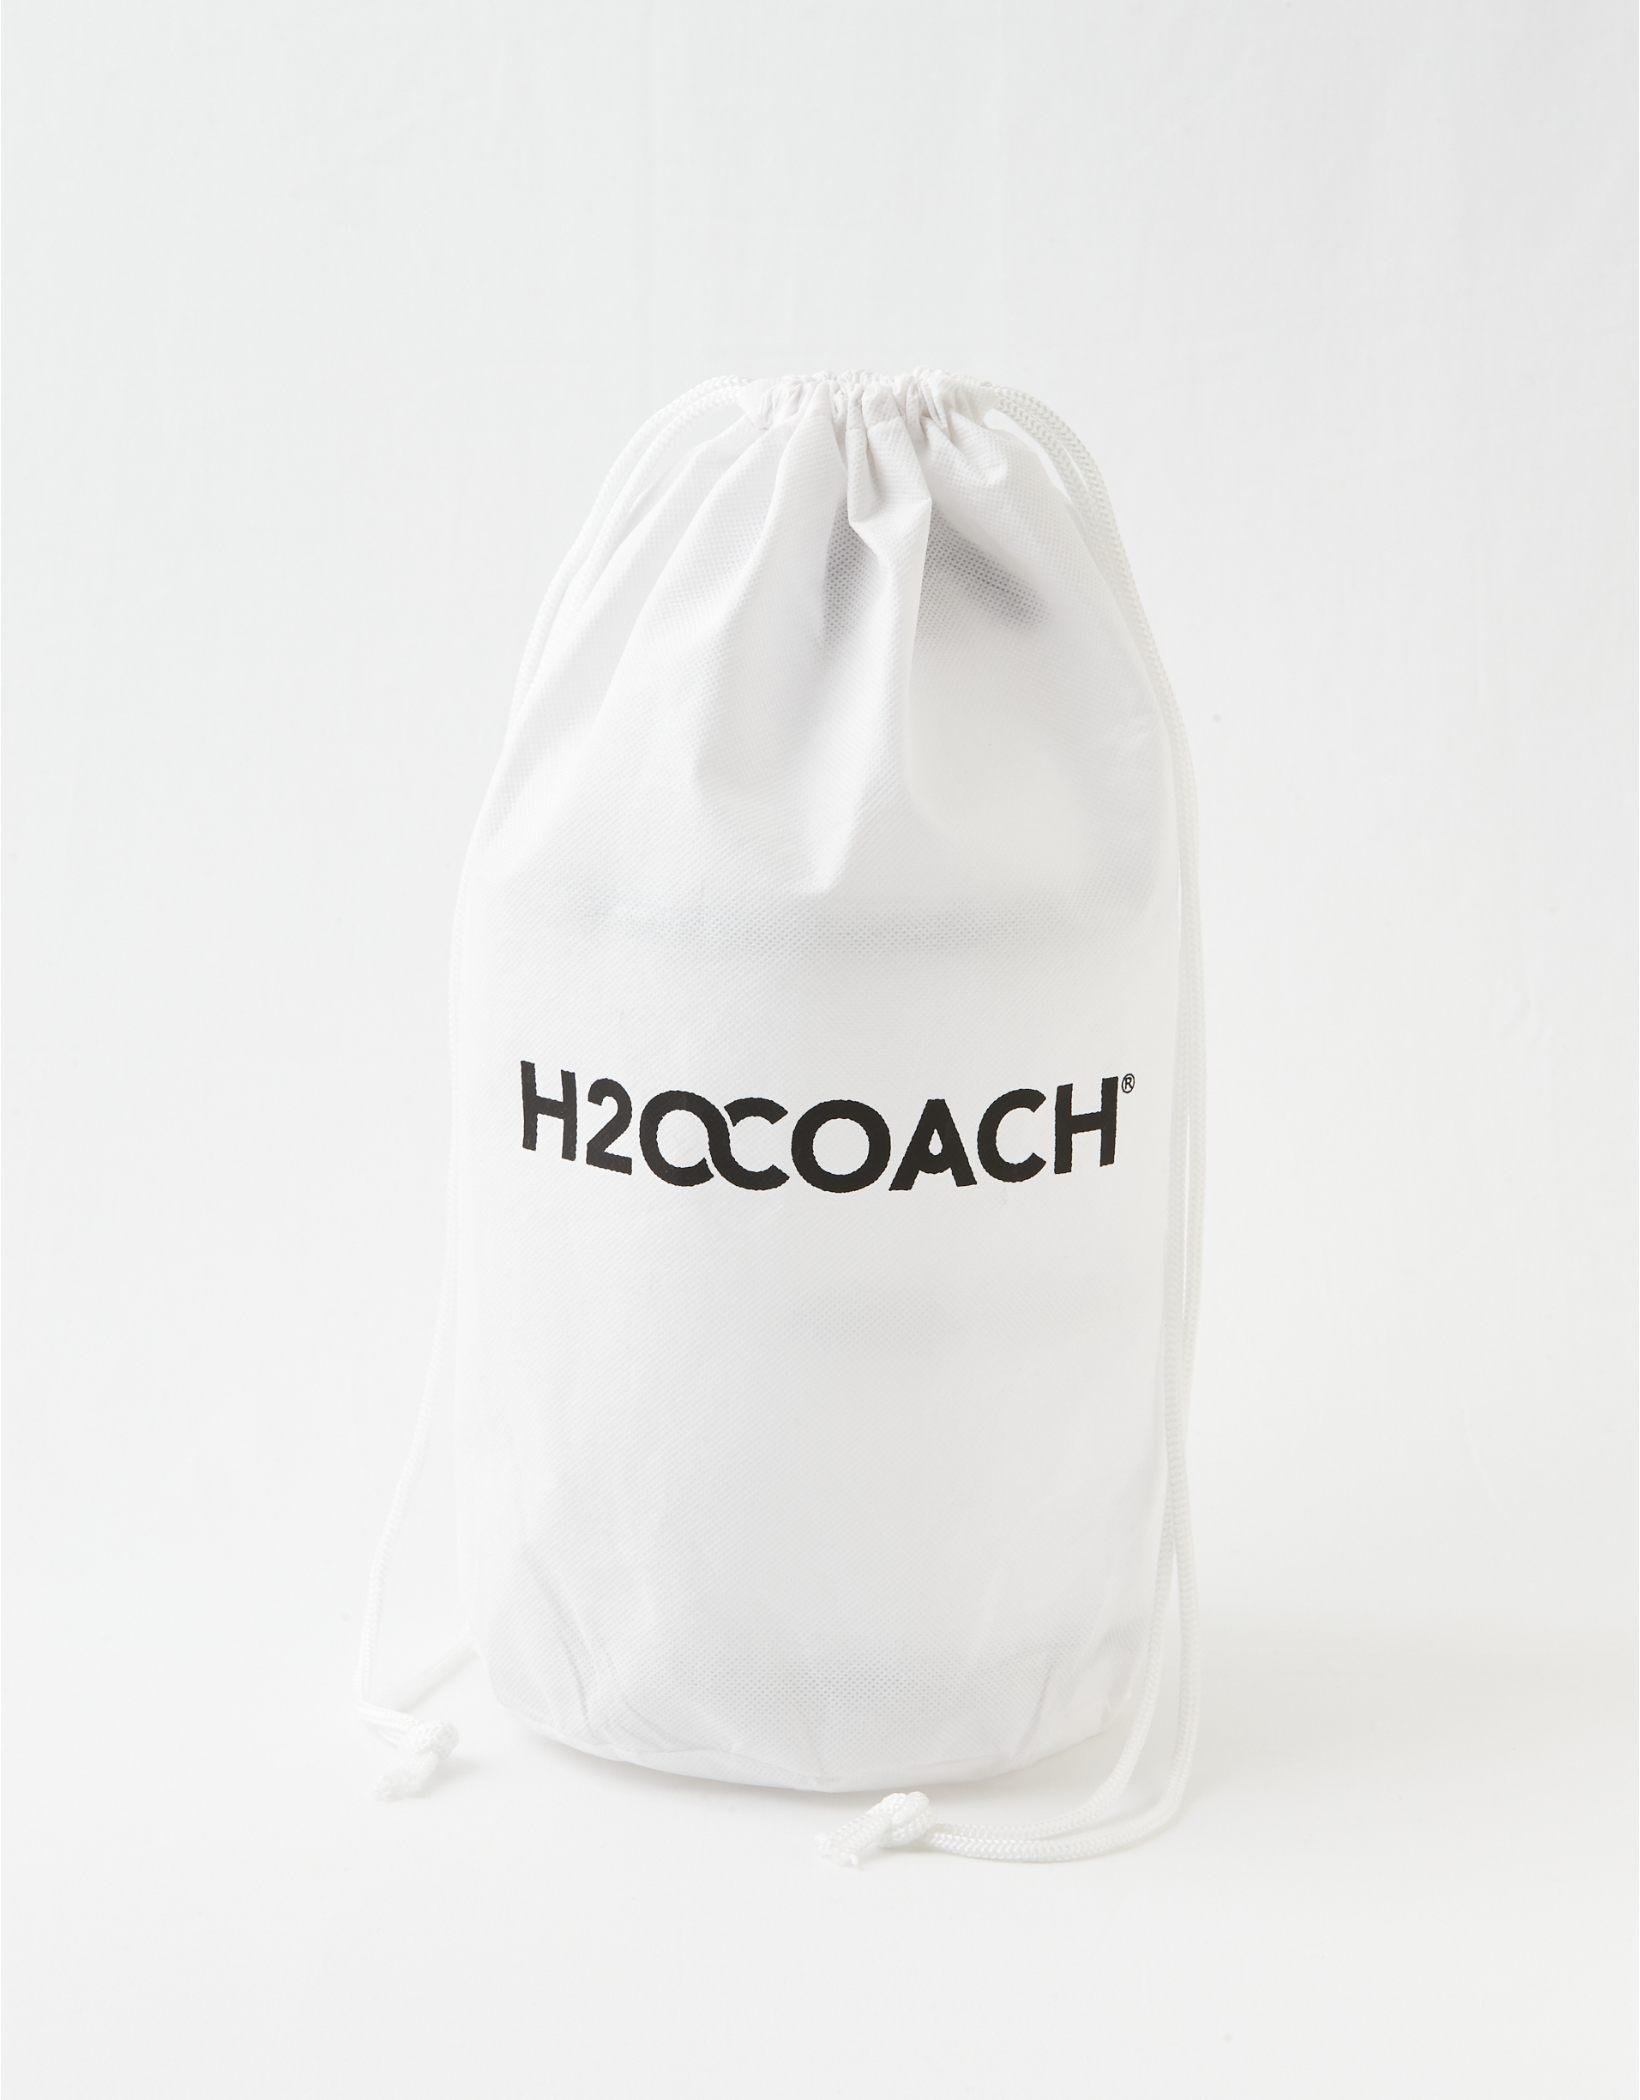 H2OCOACH 1 Gallon Boss Water Bottle